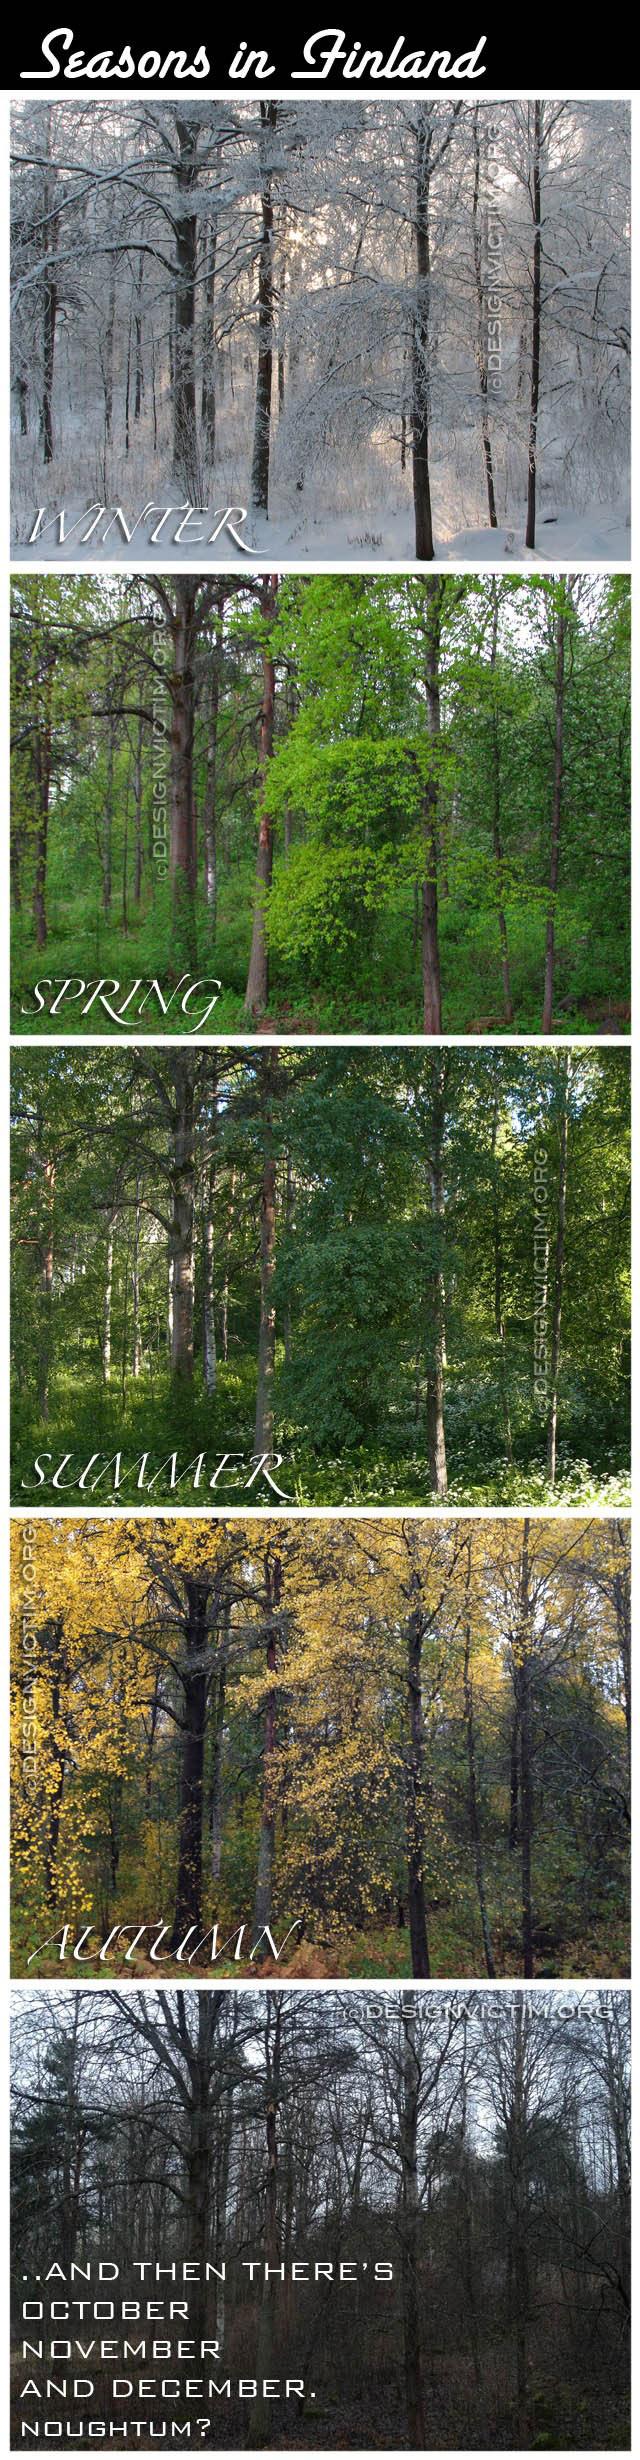 Seasons in Finland.